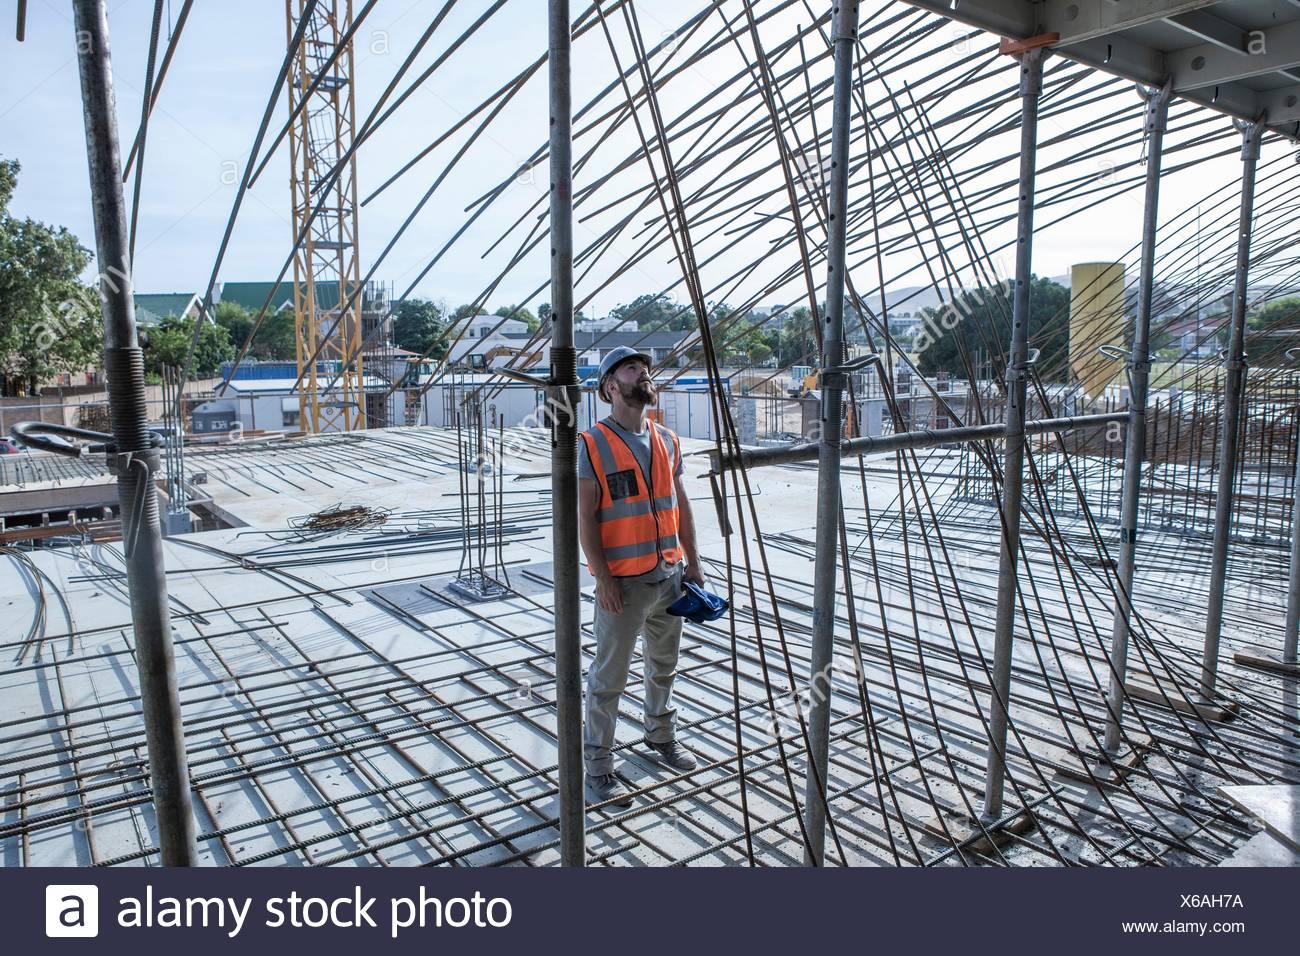 Administrador del sitio mirando hacia estructuras de varilla de acero de construcción Imagen De Stock